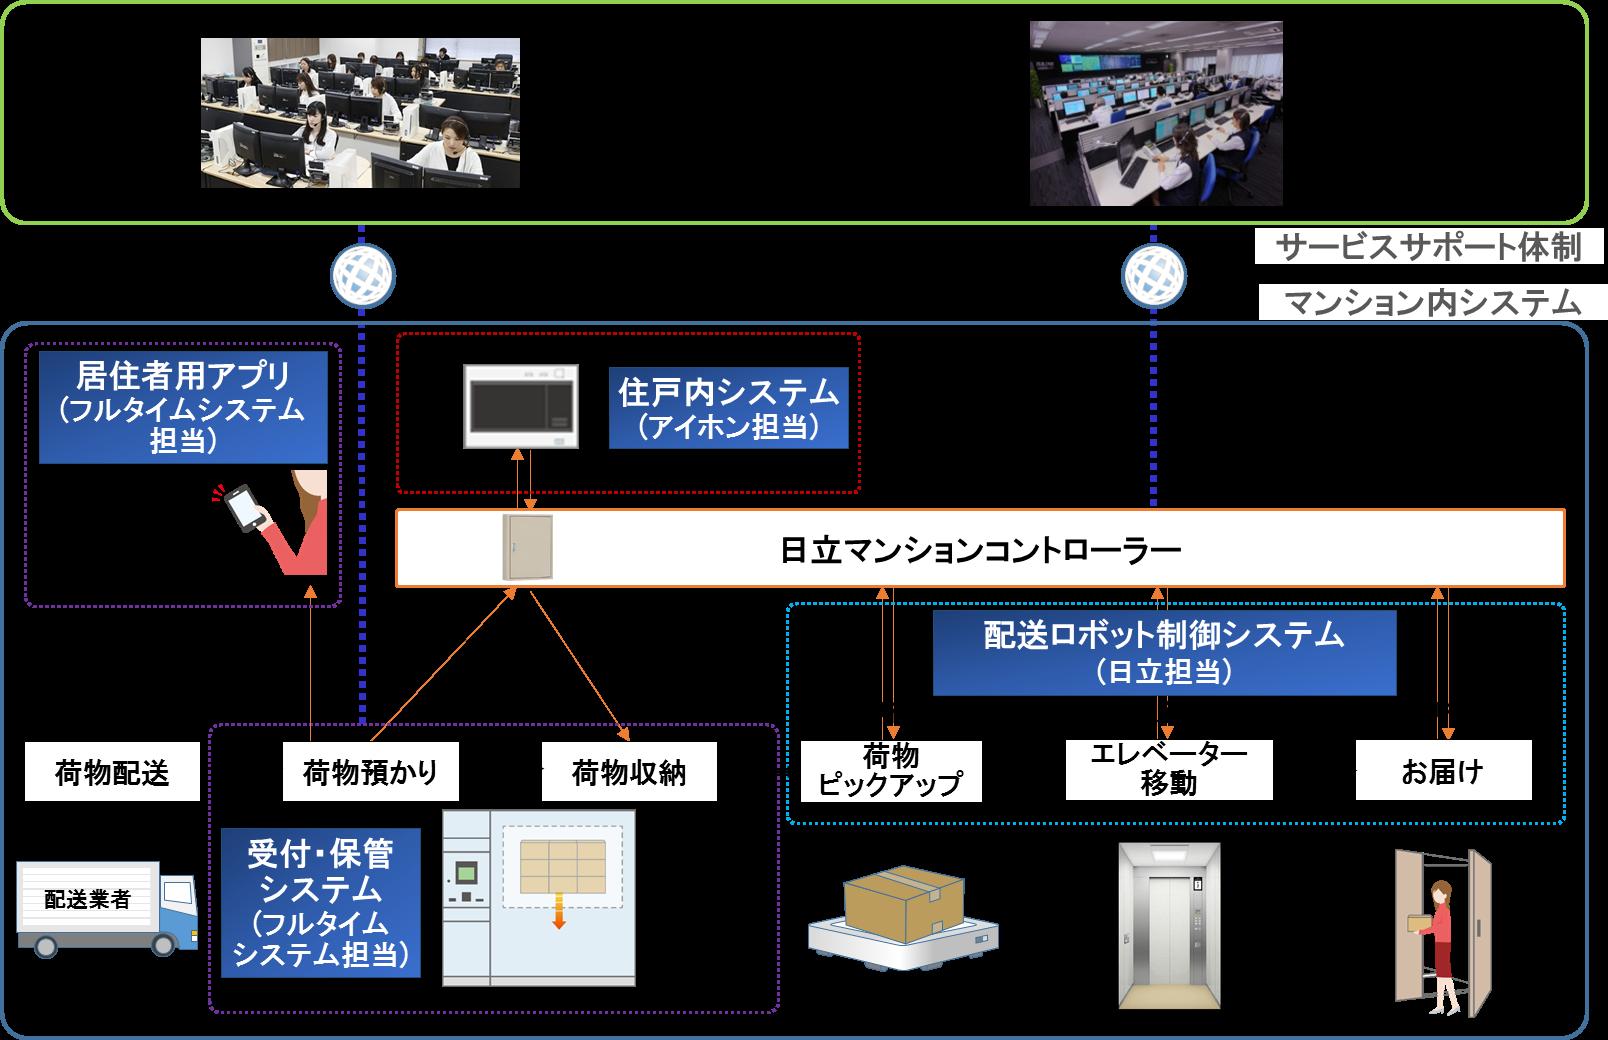 マンション内宅配システムの構成イメージ